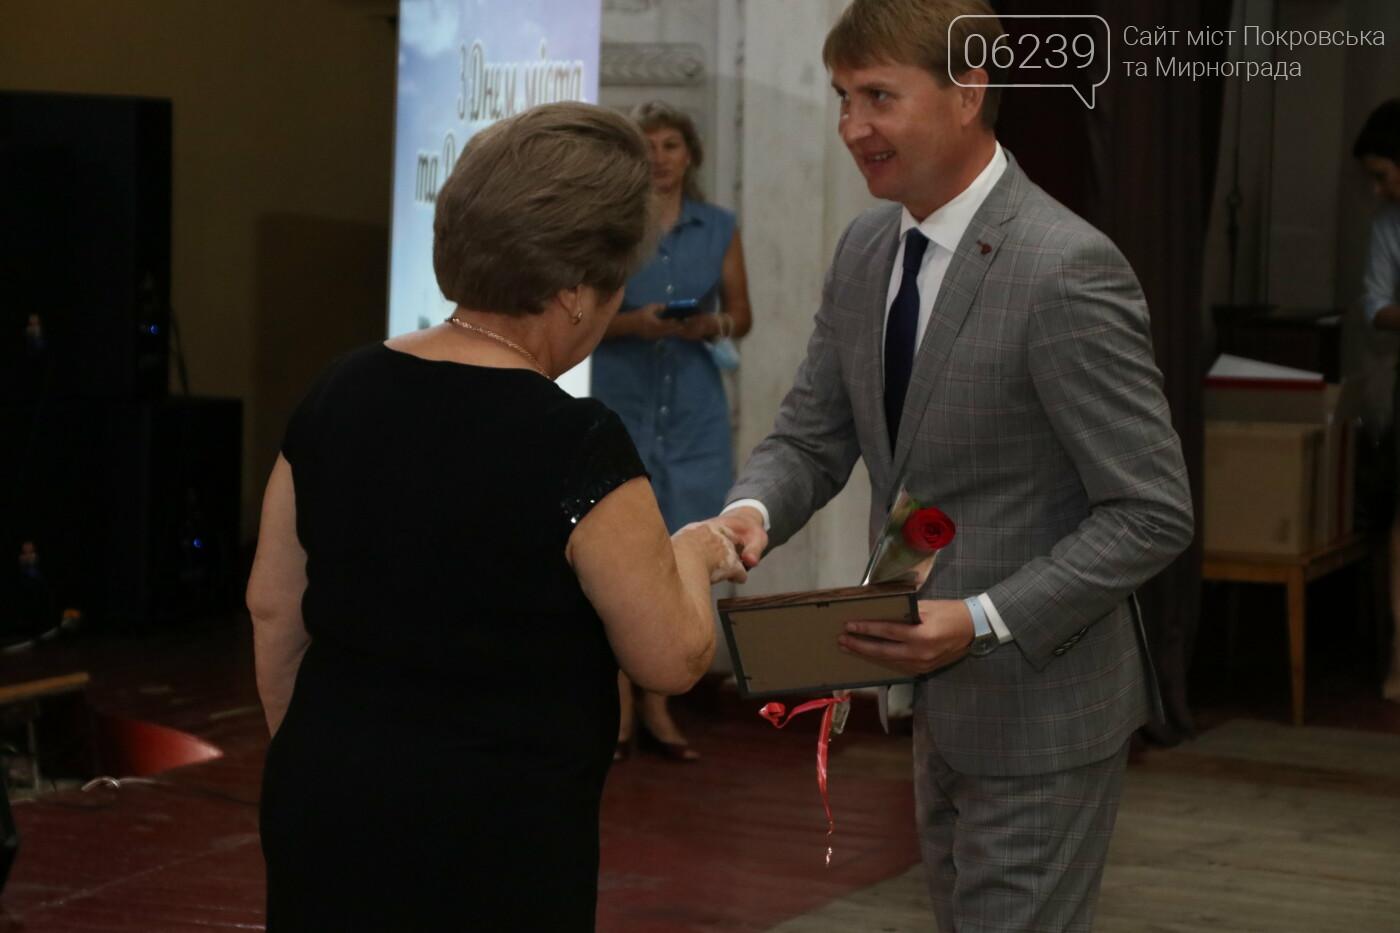 Жителей Мирнограда поздравили с Днем шахтера и Днем города, фото-4